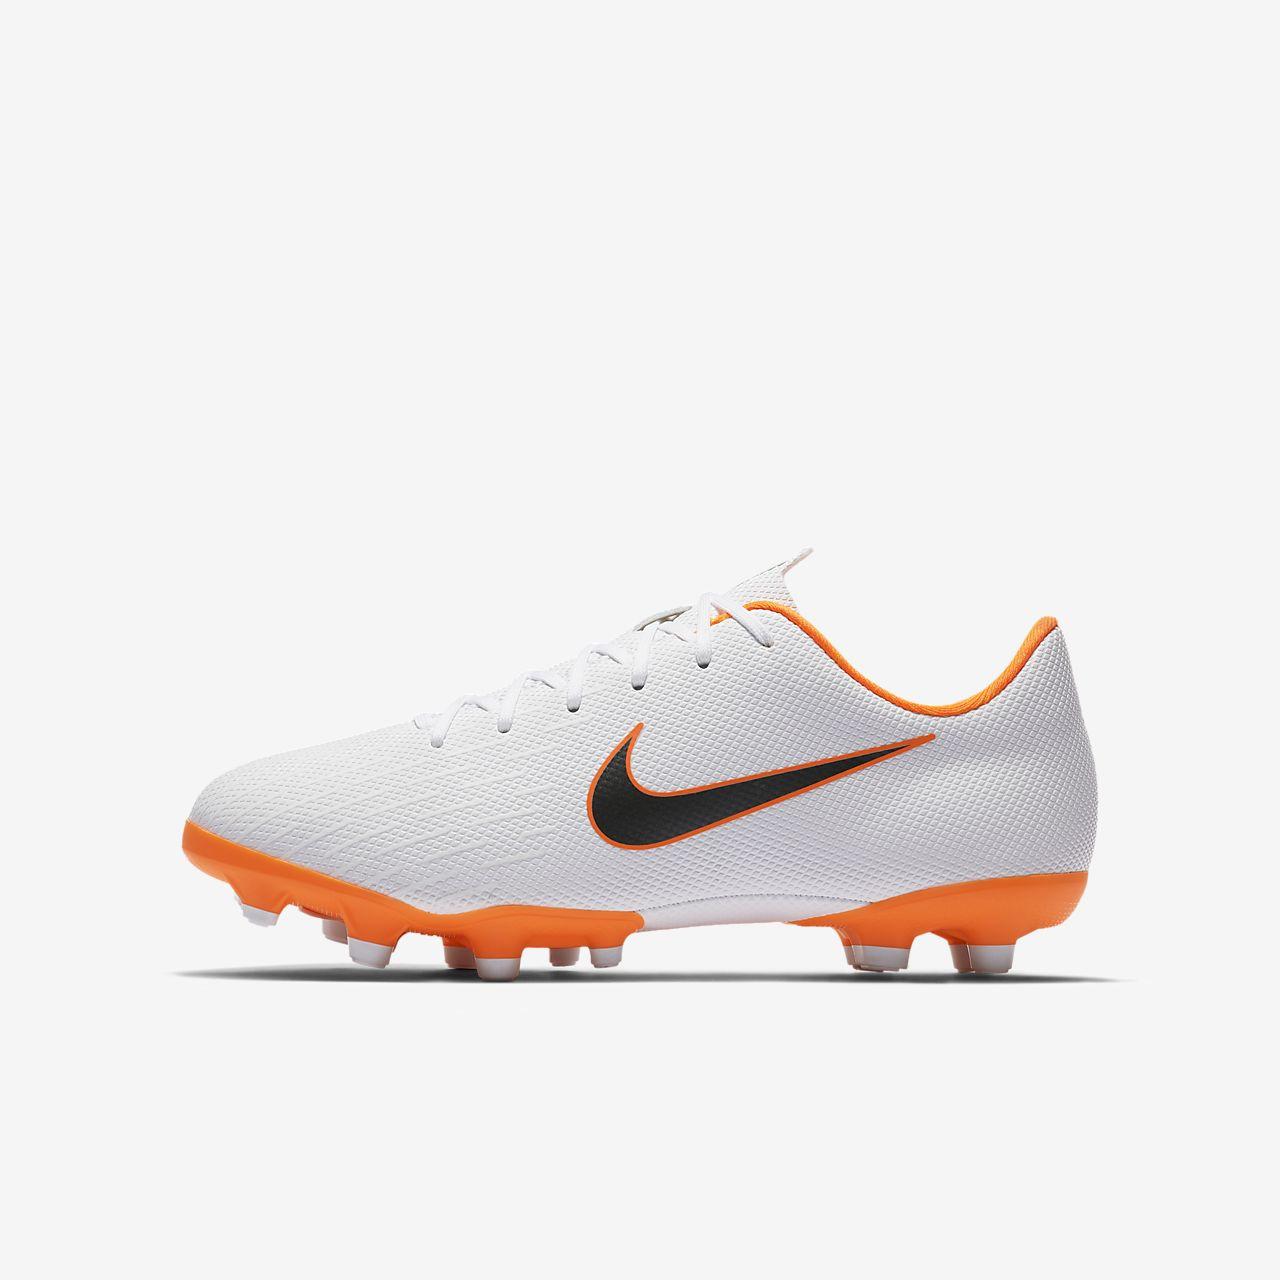 Âgé Vapor À Pour Terrains Xii Multi Chaussure De Academy Jeune Enfantenfant Football Plus Jr Jdi Mercurial Nike Crampons OxwSTpS